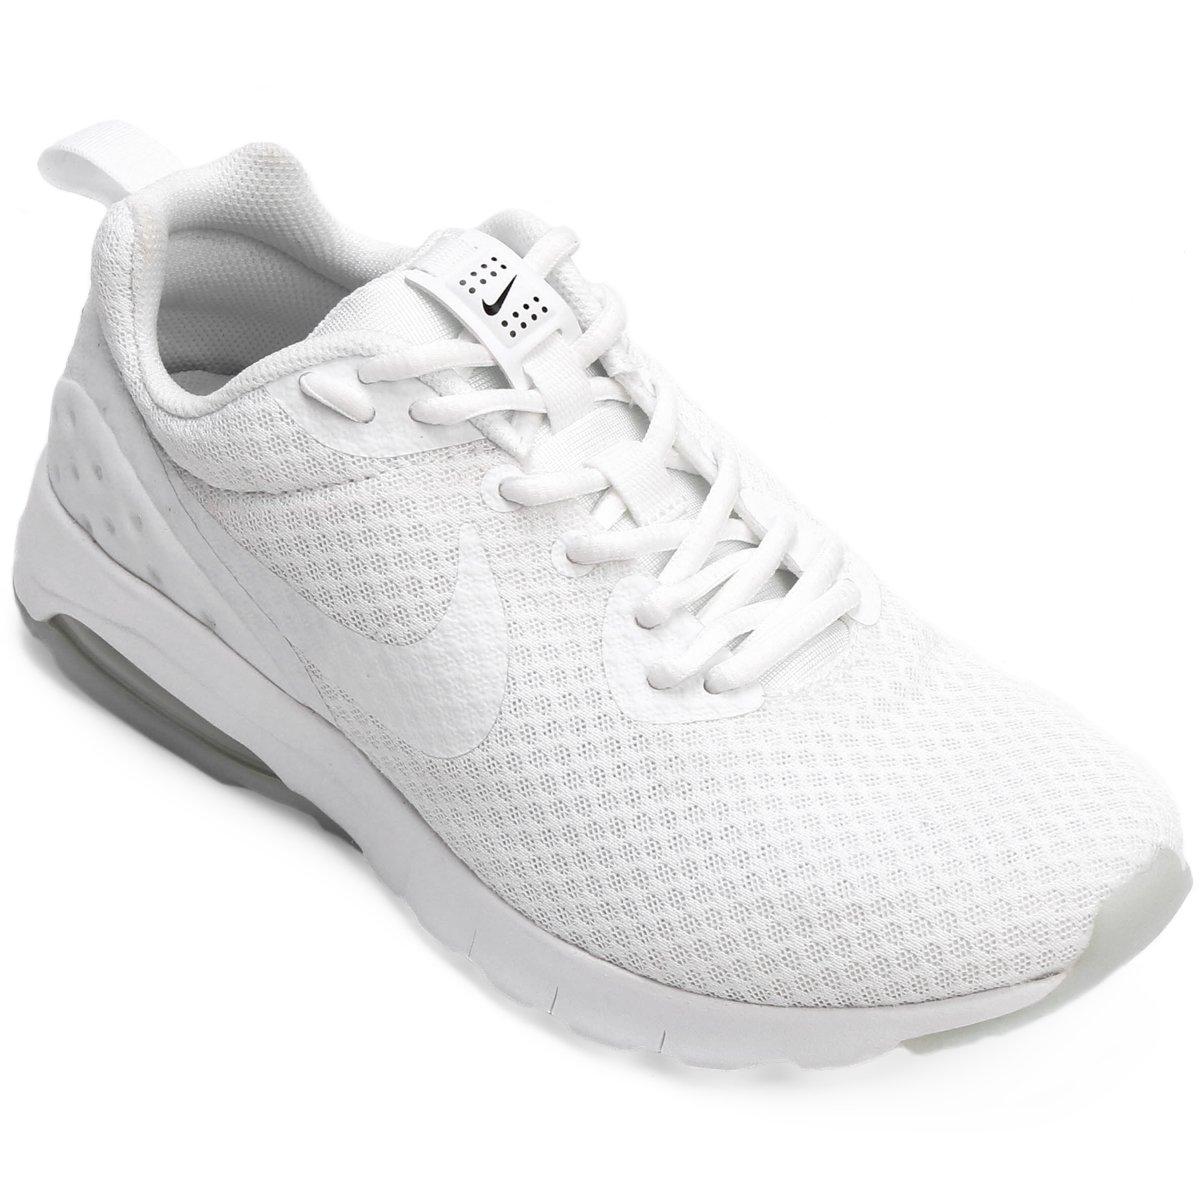 48161d0994b Tênis Nike Air Max Motion Lw Masculino - Compre Agora